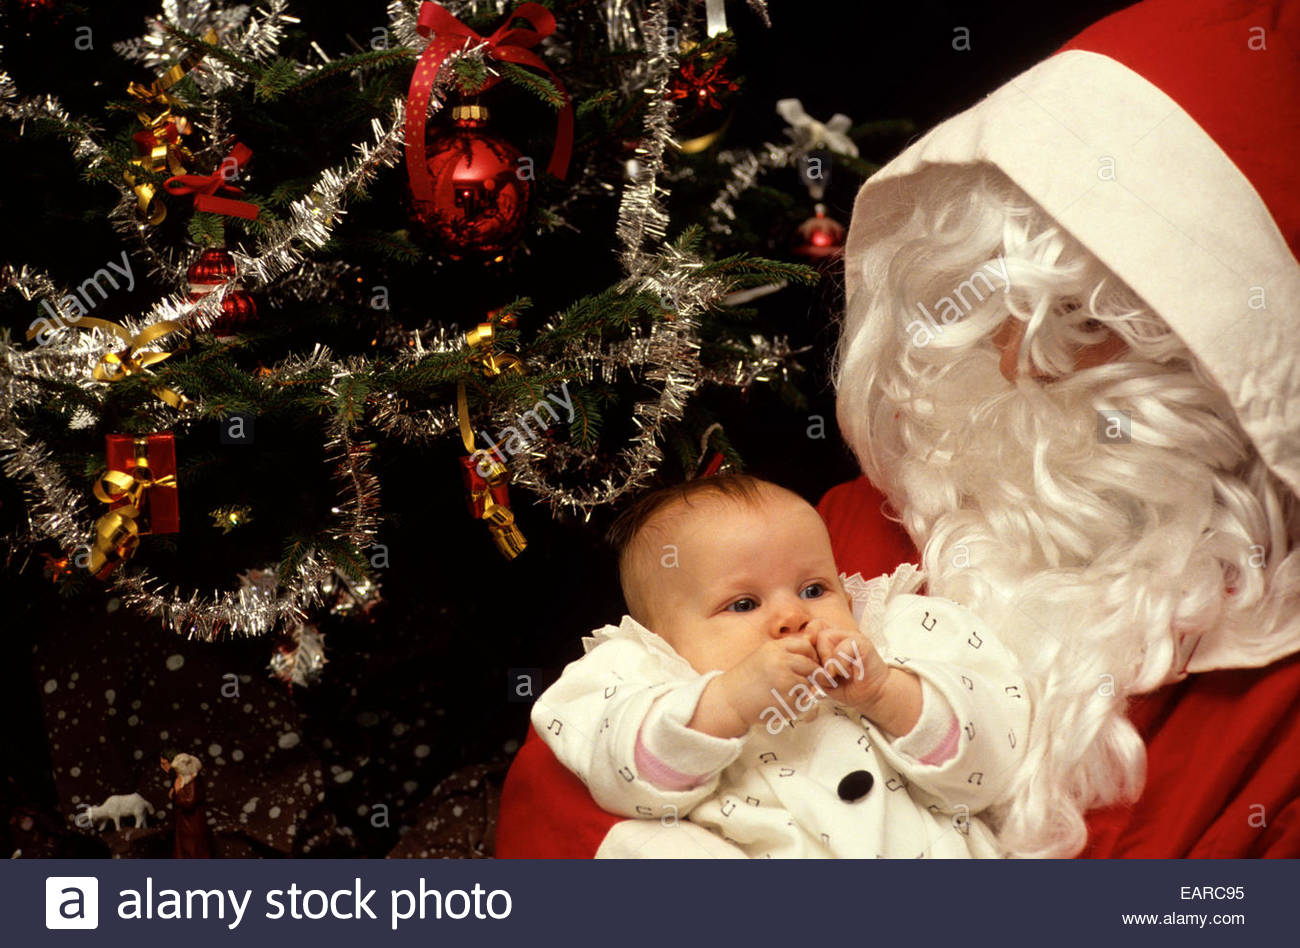 Le Père Noël avec un bébé, France. Parution du modèle Photo Stock